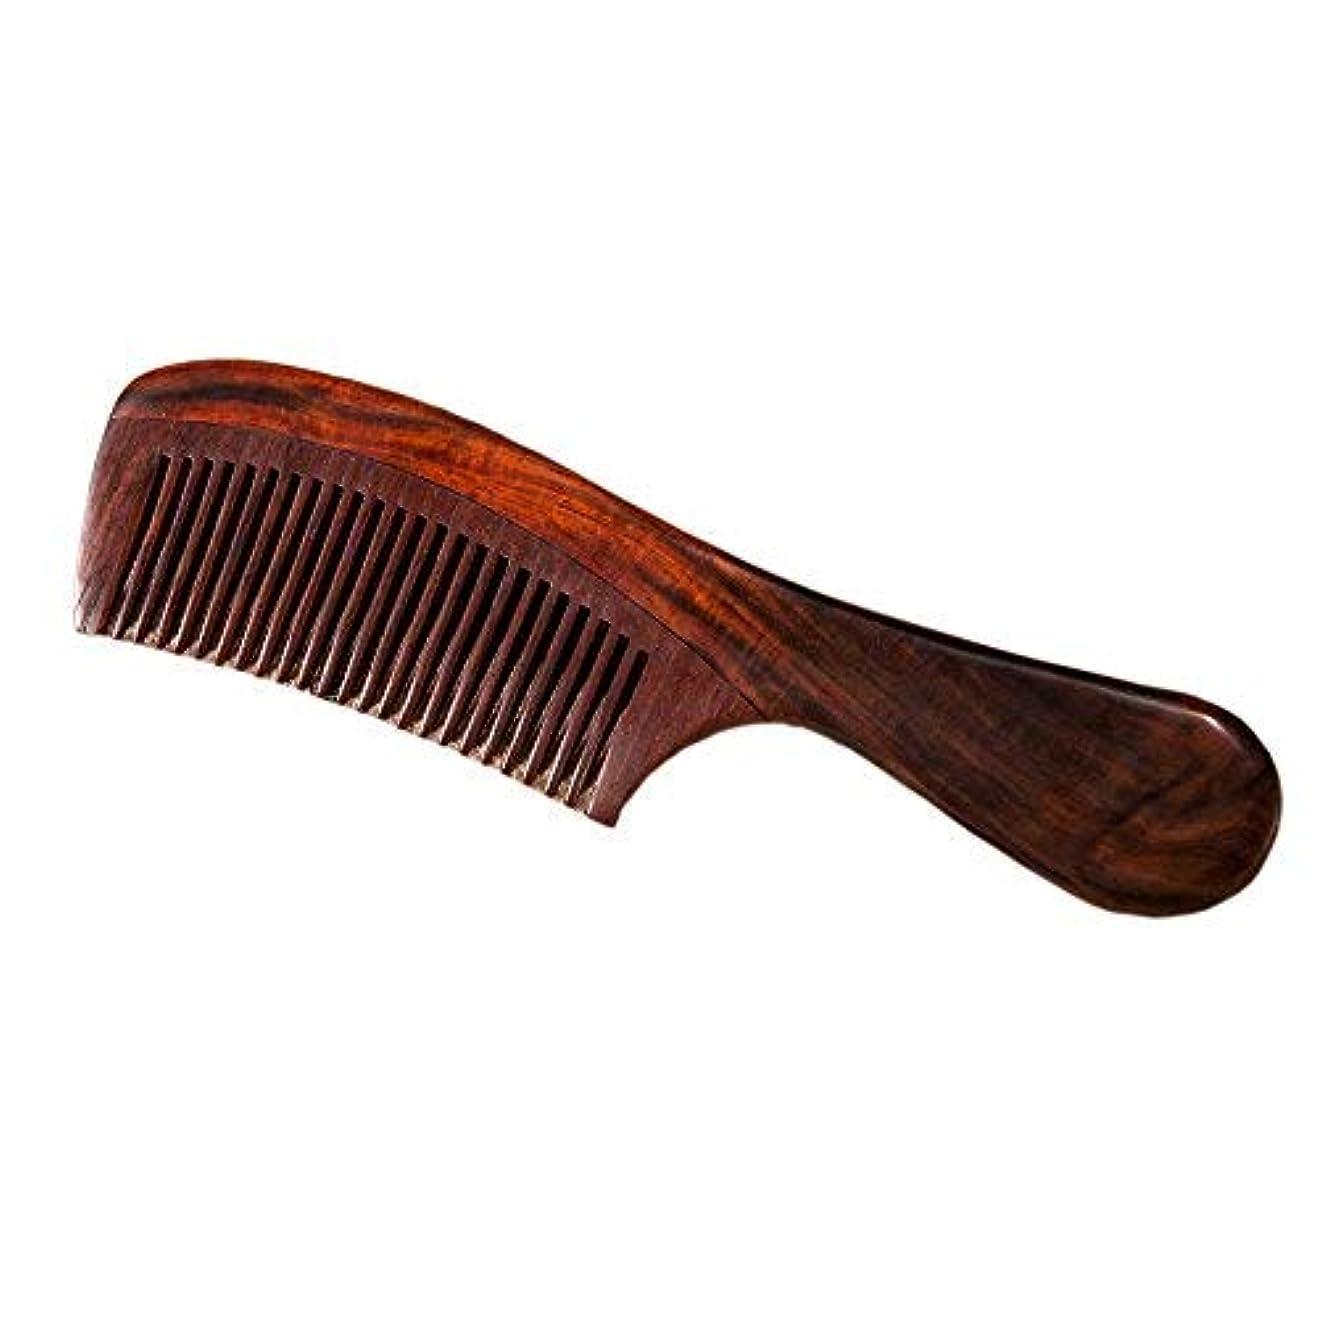 自体進行中すばらしいですNatural Redwood Hair Comb, No Static Handmade Medium Tooth Hair Comb, Smooth and Comfortable Message Wood Comb with Handle 19cm [並行輸入品]